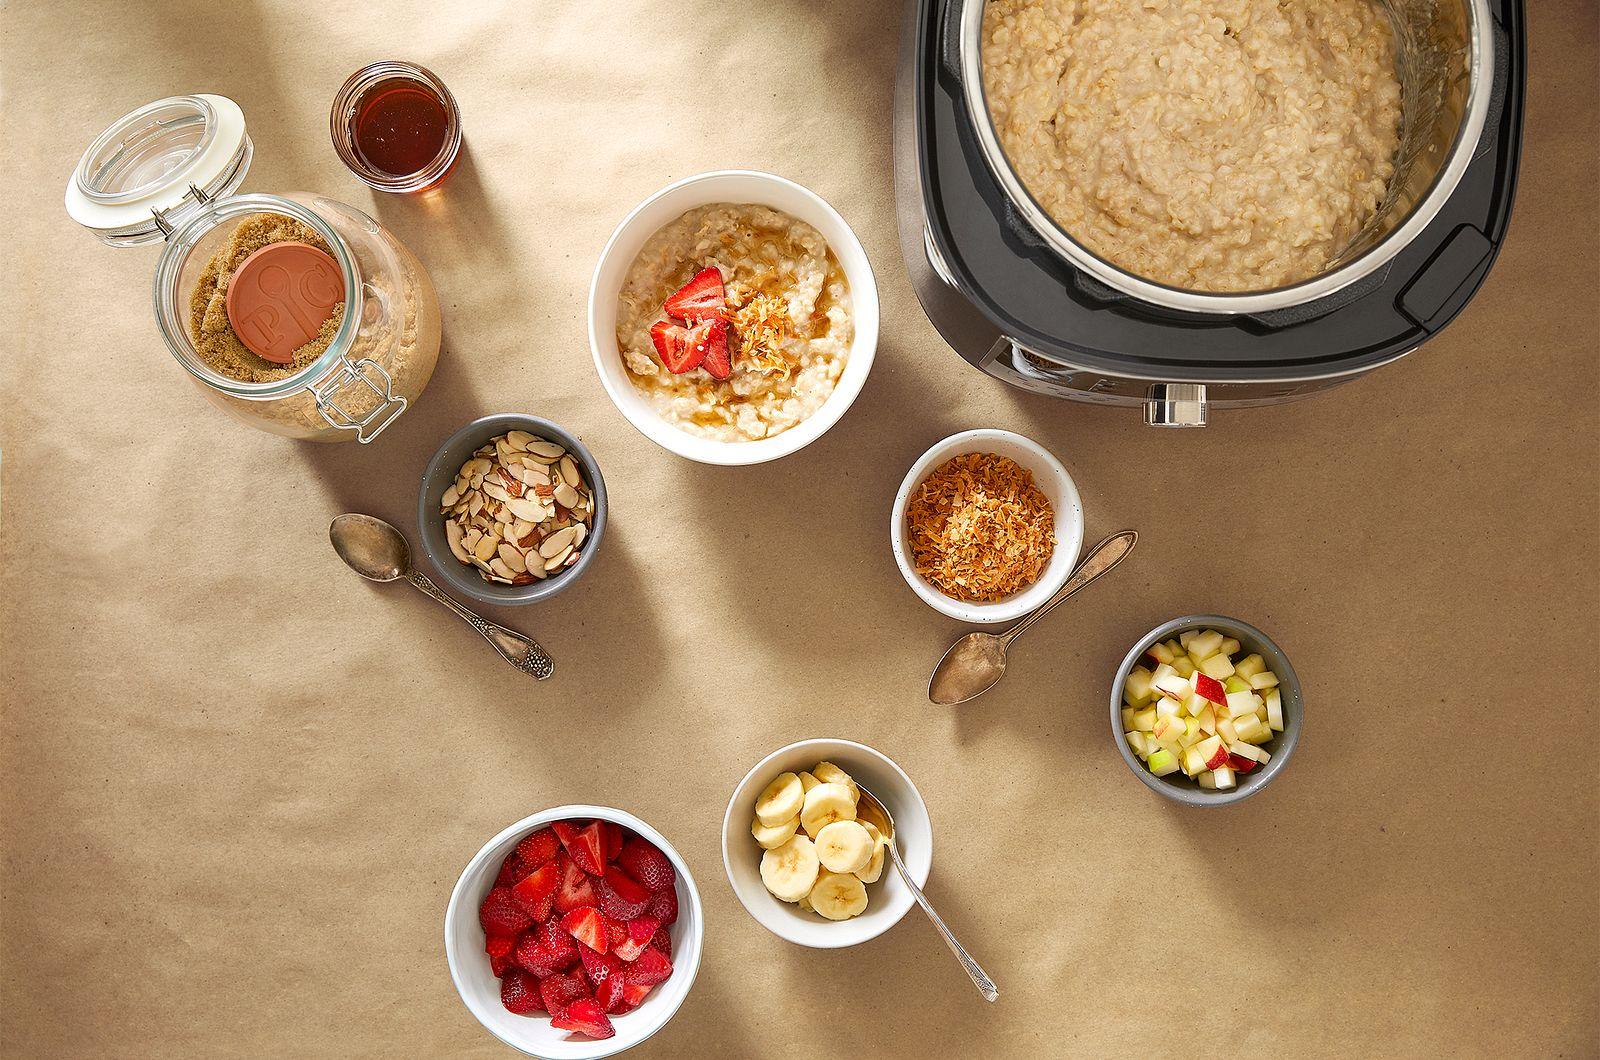 早餐如何吃早餐的食物